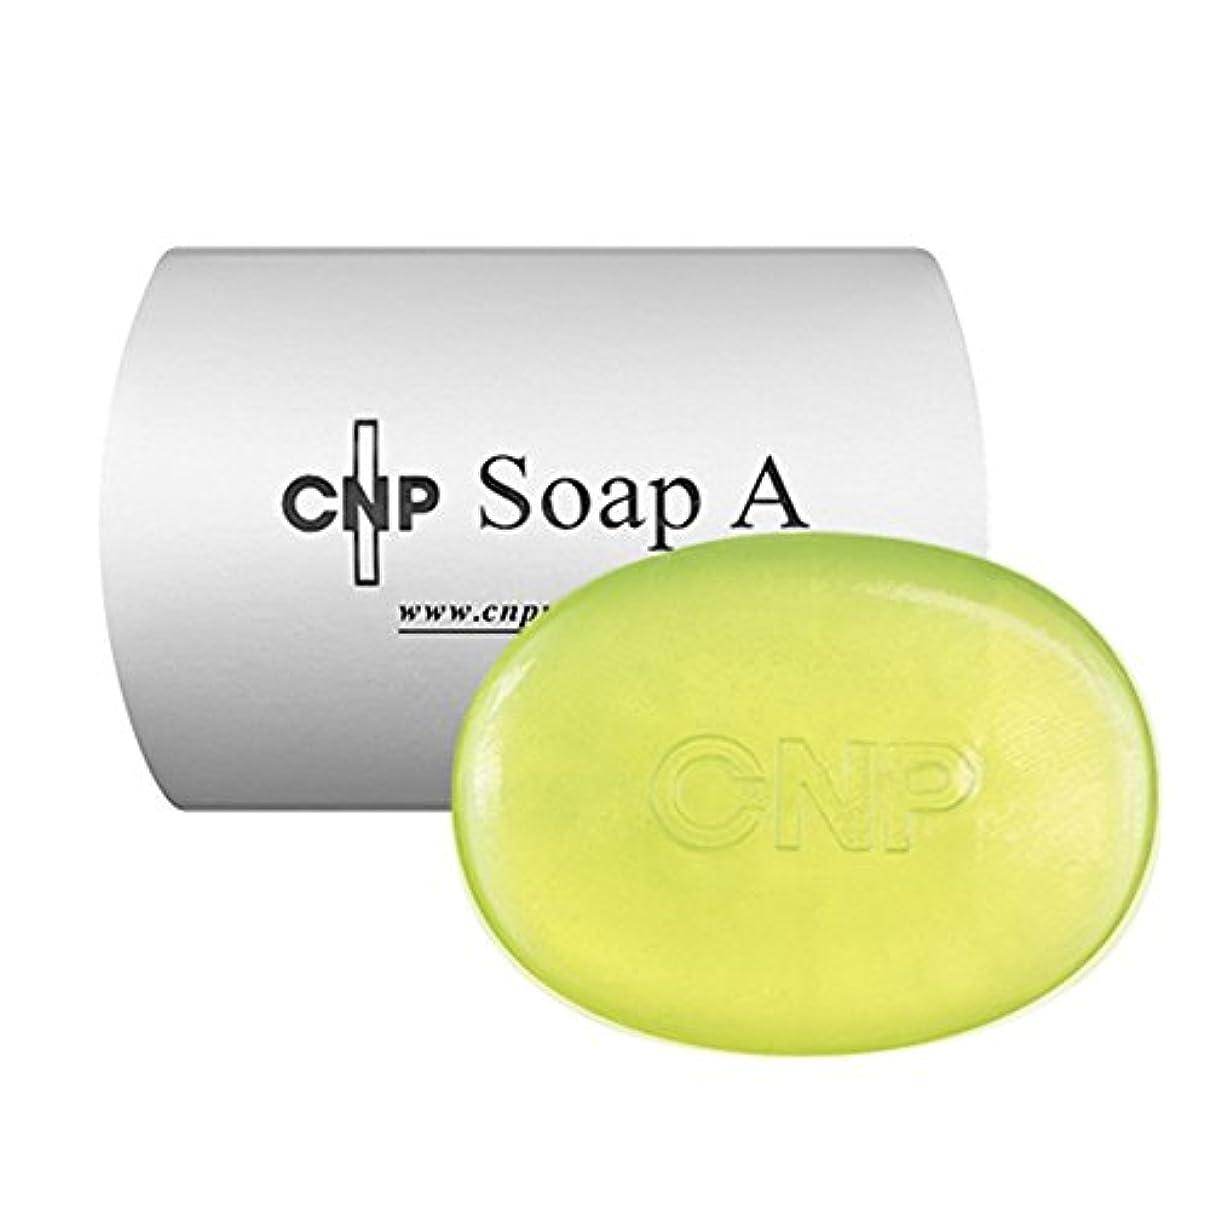 引き出すハイキングに行く製品CNP Soap A チャアンドパク ソープ A [並行輸入品]